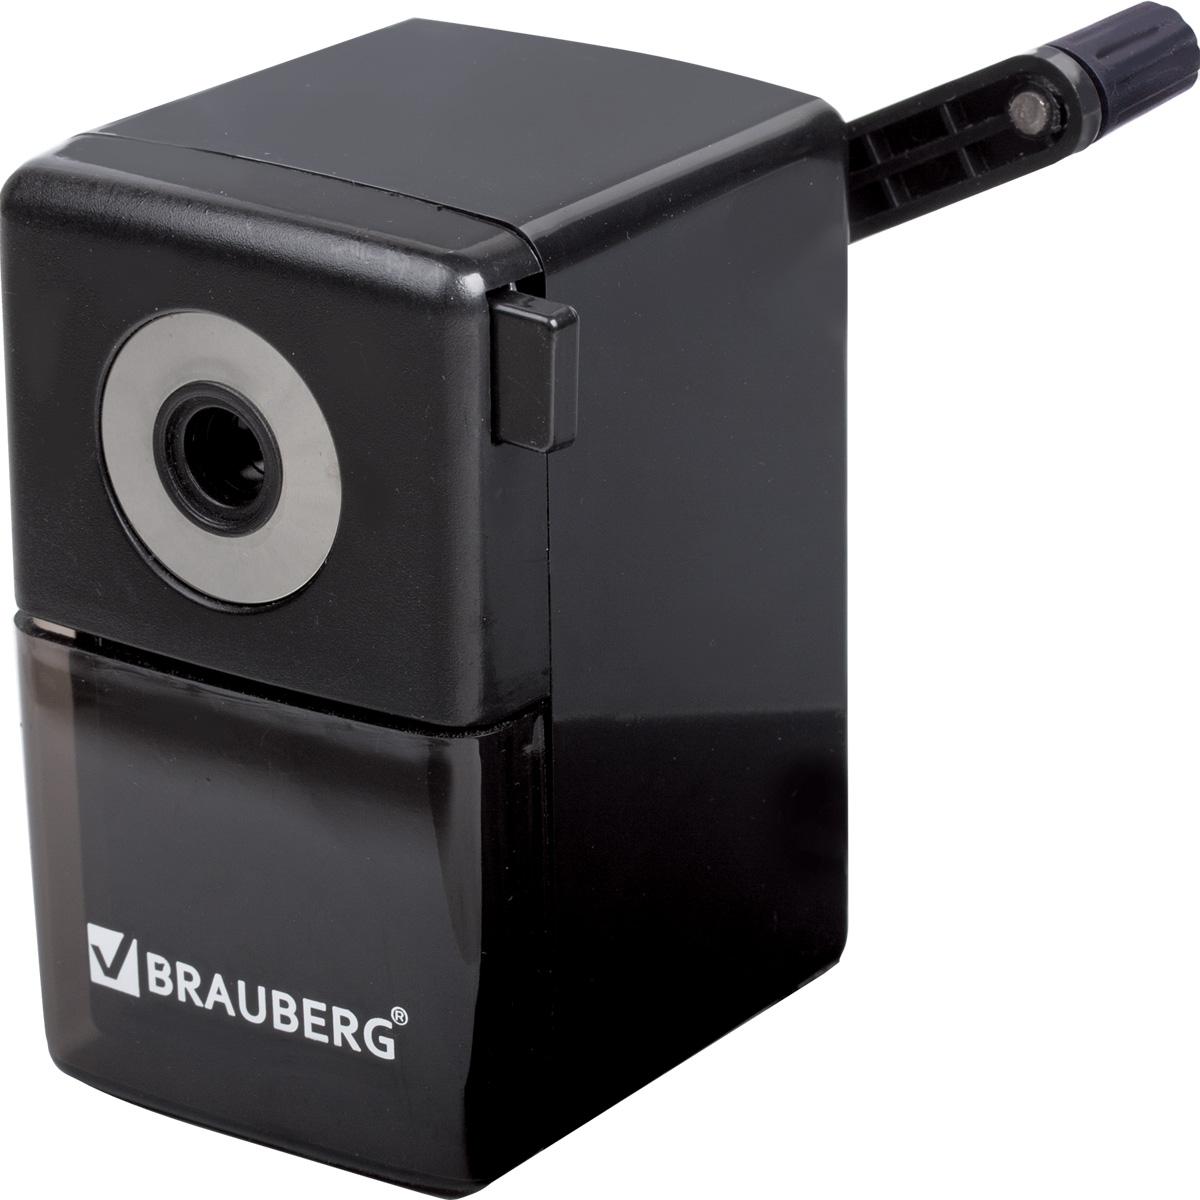 Brauberg Точилка BlackJackFS-54103Качественный металлический механизм обеспечивает лёгкое, равномерное затачивание карандашей и долговечность работы точилки. Специальный зажим для крепления к столу обеспечивает дополнительное удобство в использовании.•Качественный металлический затачивающий механизм. •Пластиковый корпус. •Специальный зажим для крепления к столу. •Вместительный контейнер для сбора стружки. •Цвет корпуса - черный. •Размер - 7х10х10,5 см.